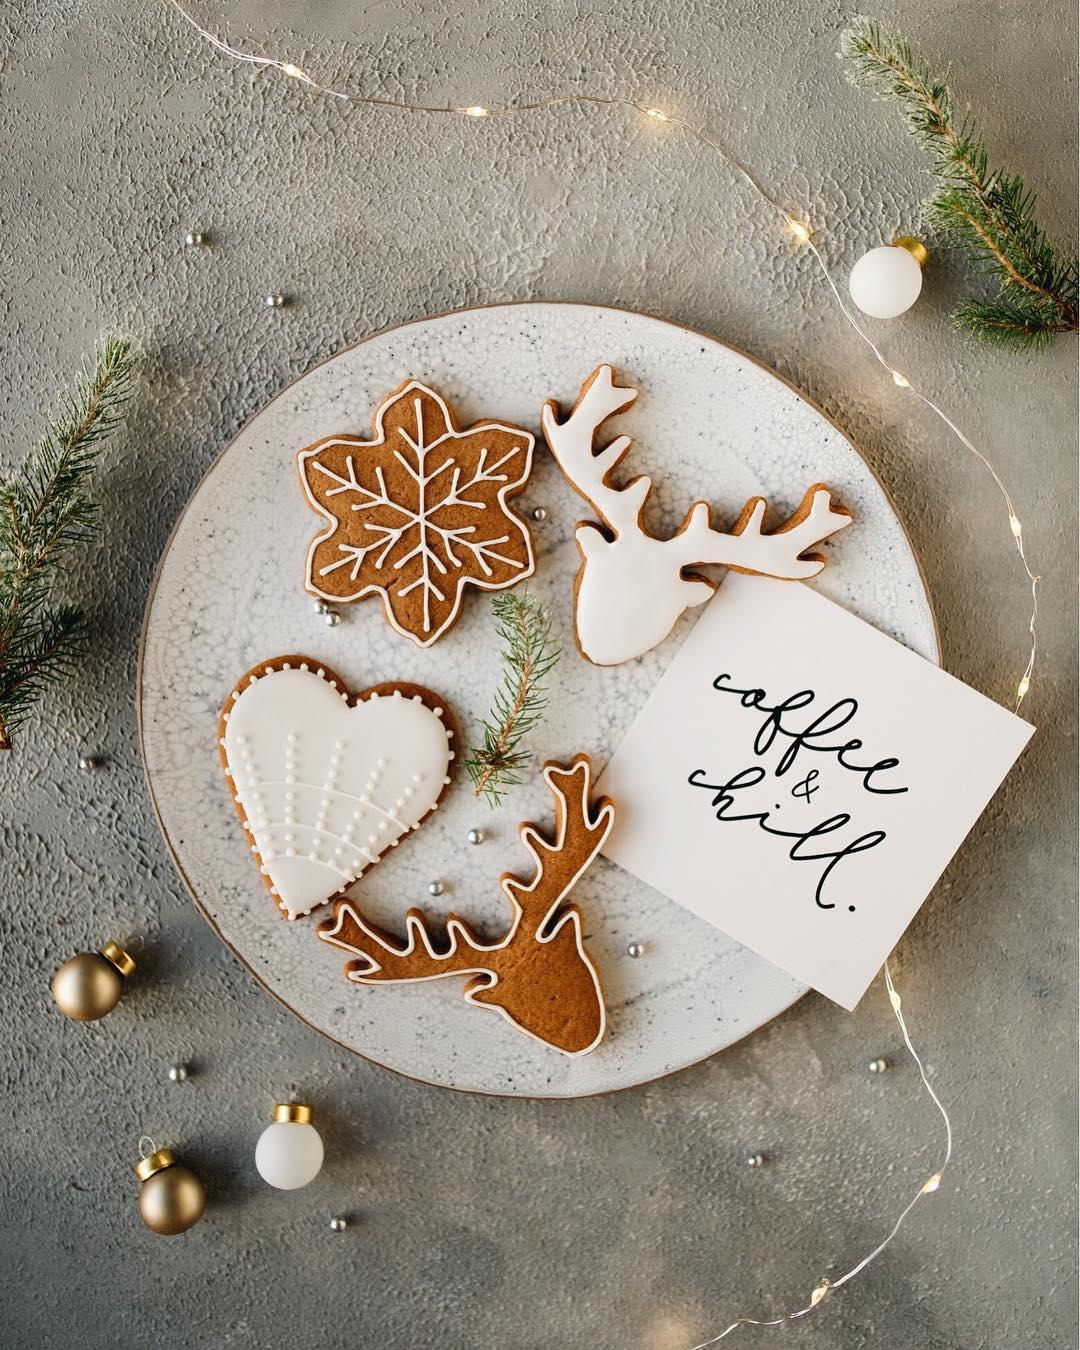 Kako napraviti prhke i mirisne Gingerbread keksiće?